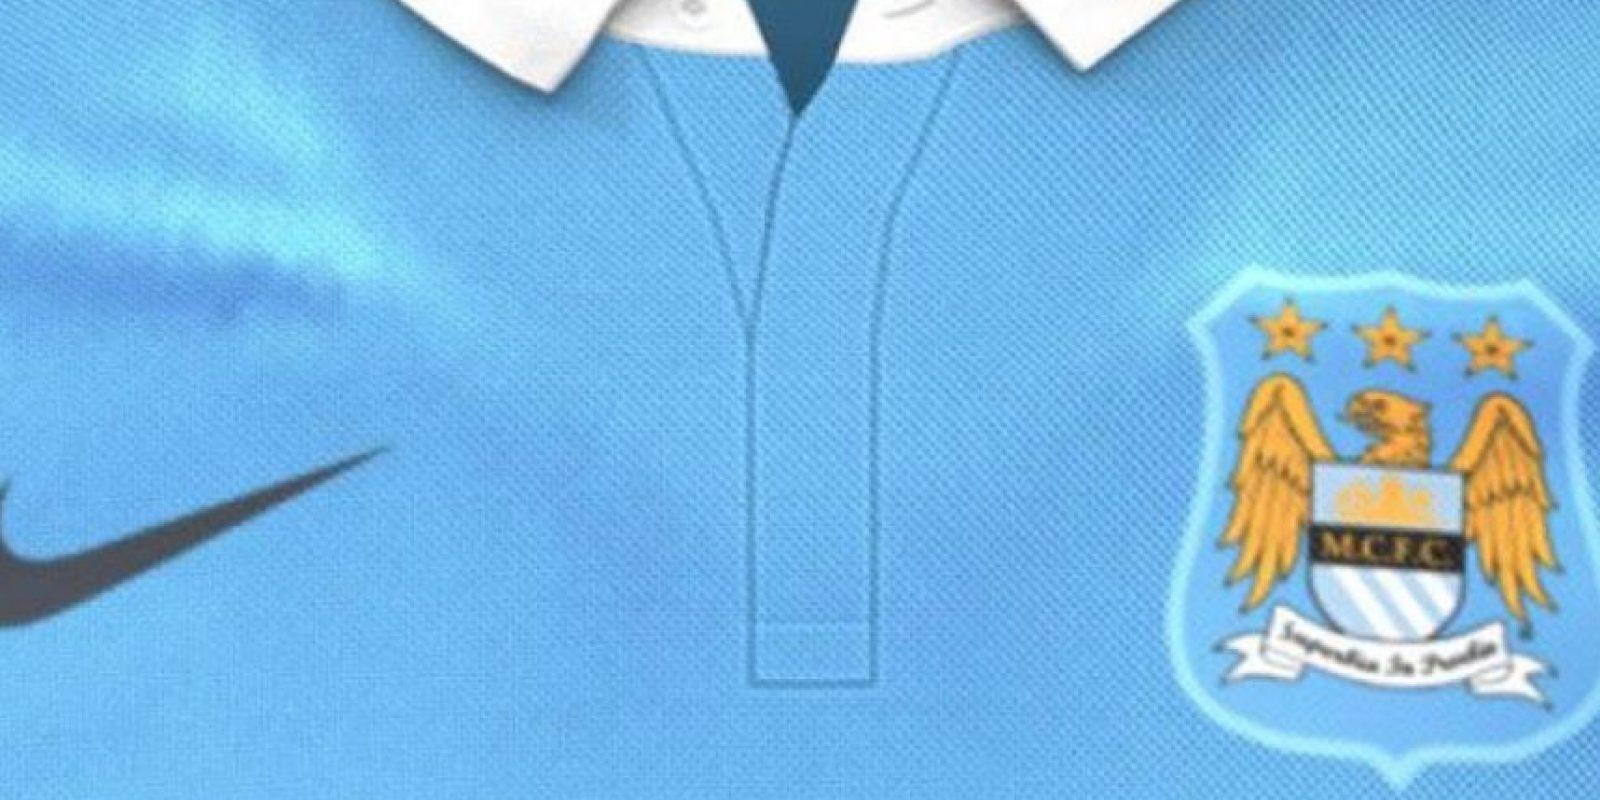 Manchester City opta por un cuello tipo polo. Foto:Twitter